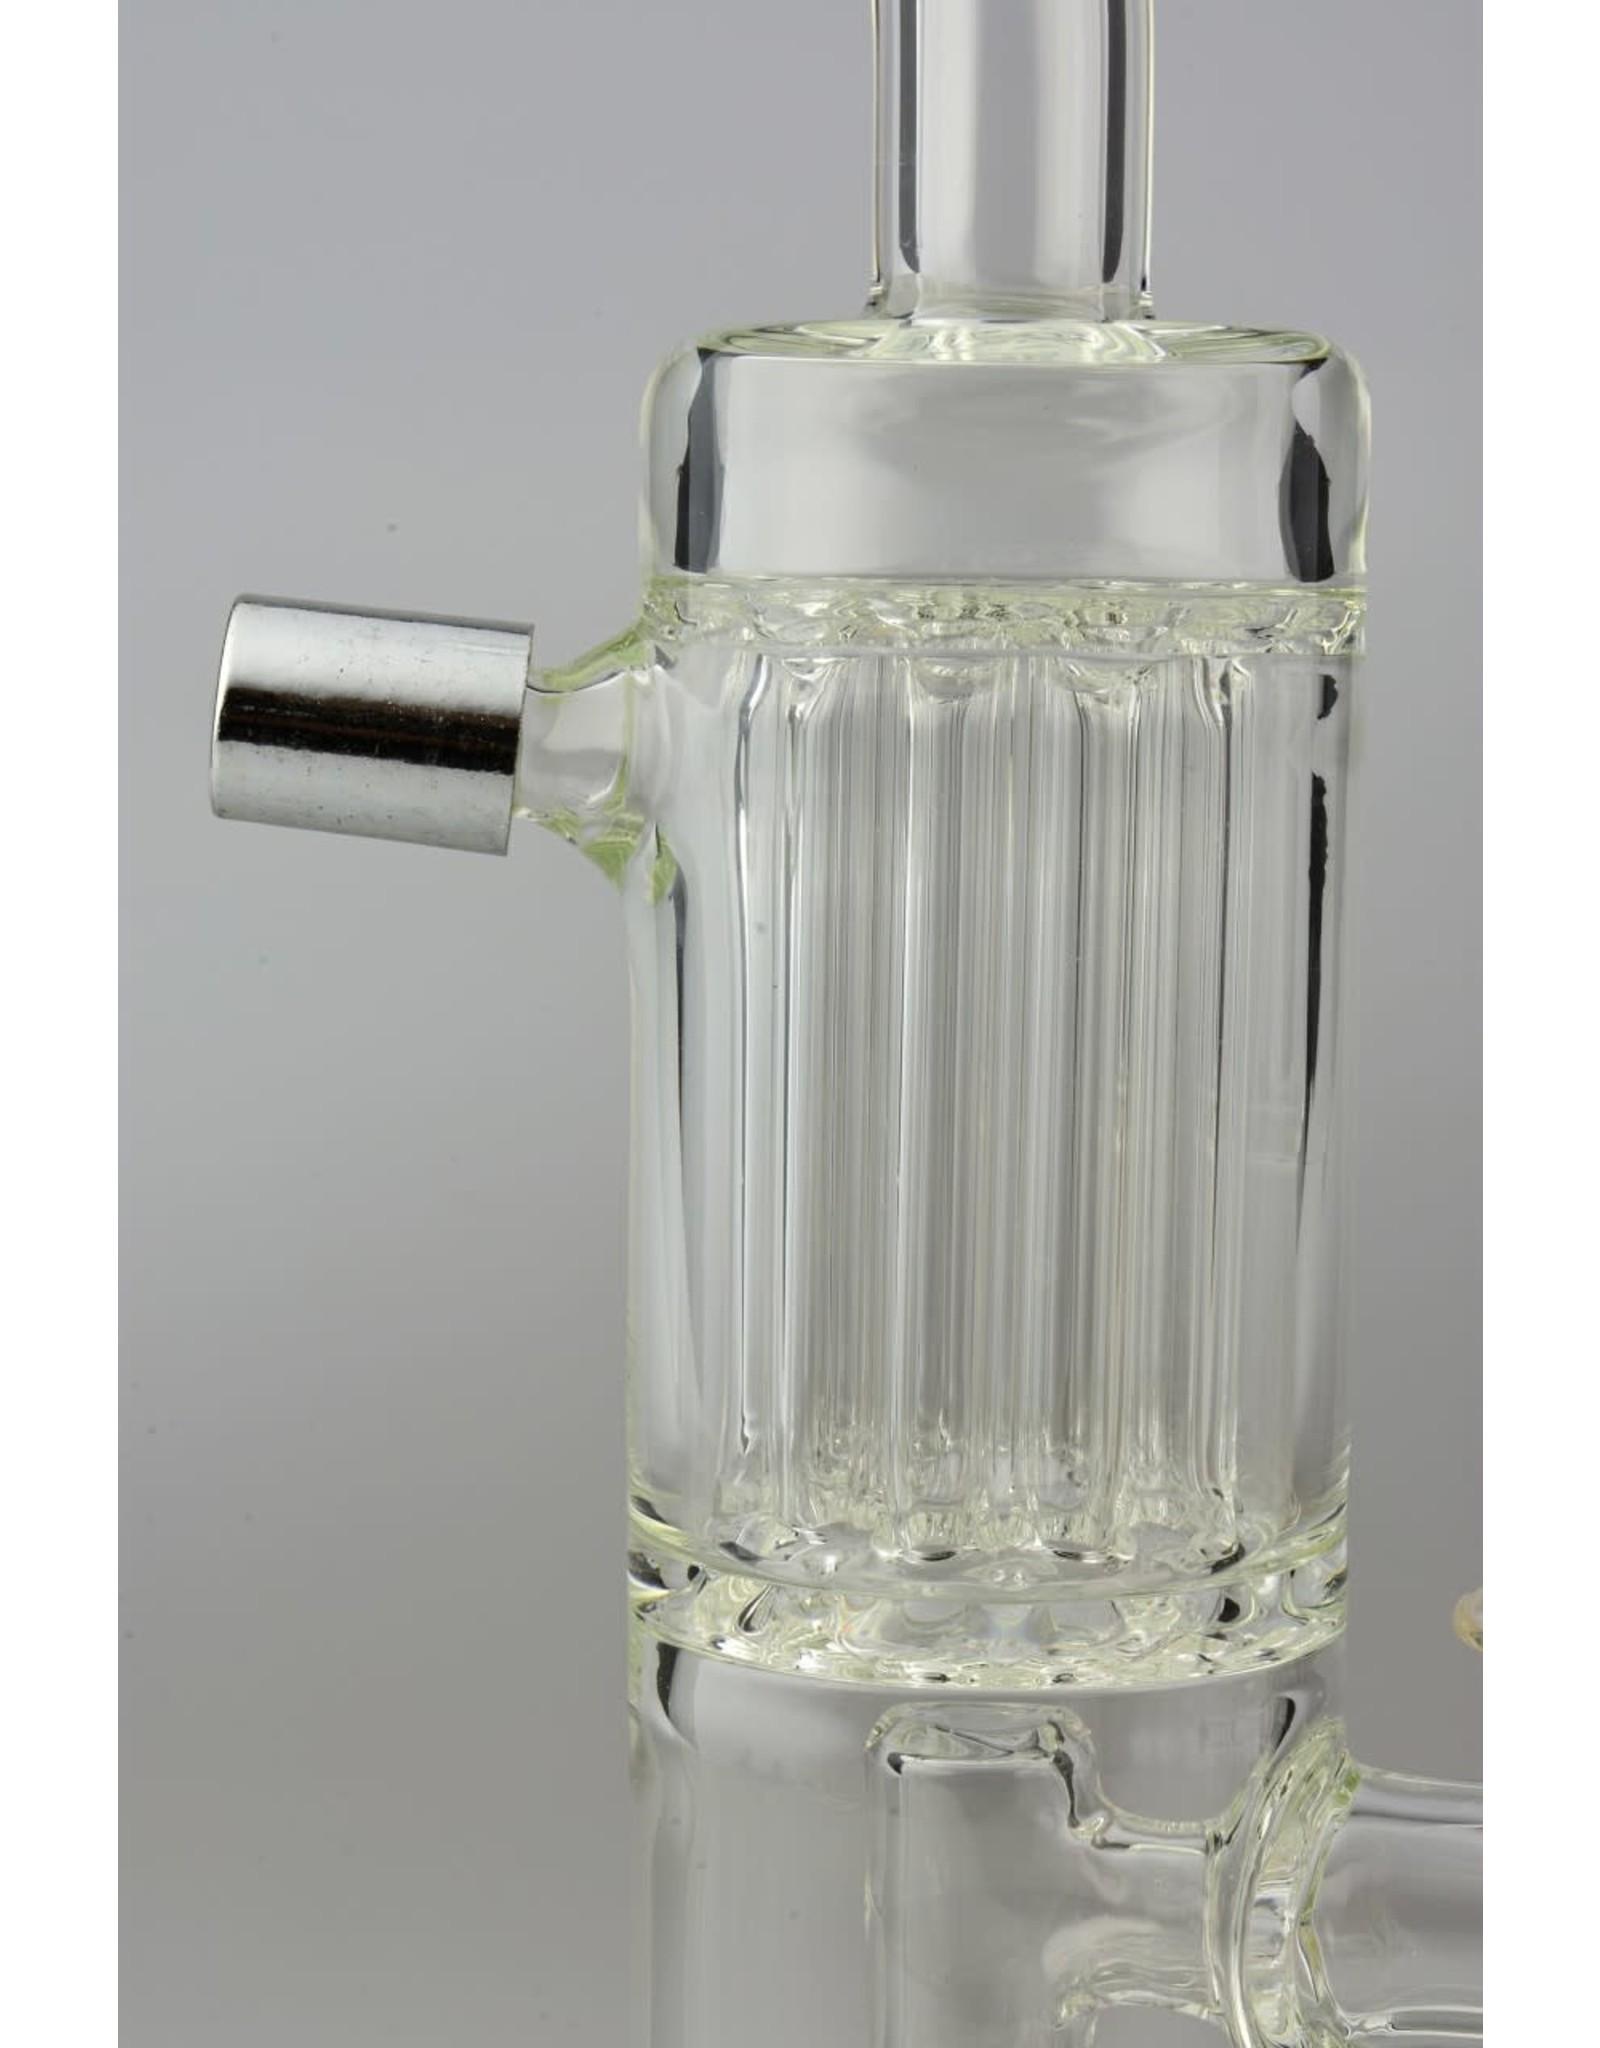 Leisure LTD glass Mini 6 Arm Tree With Glycerine